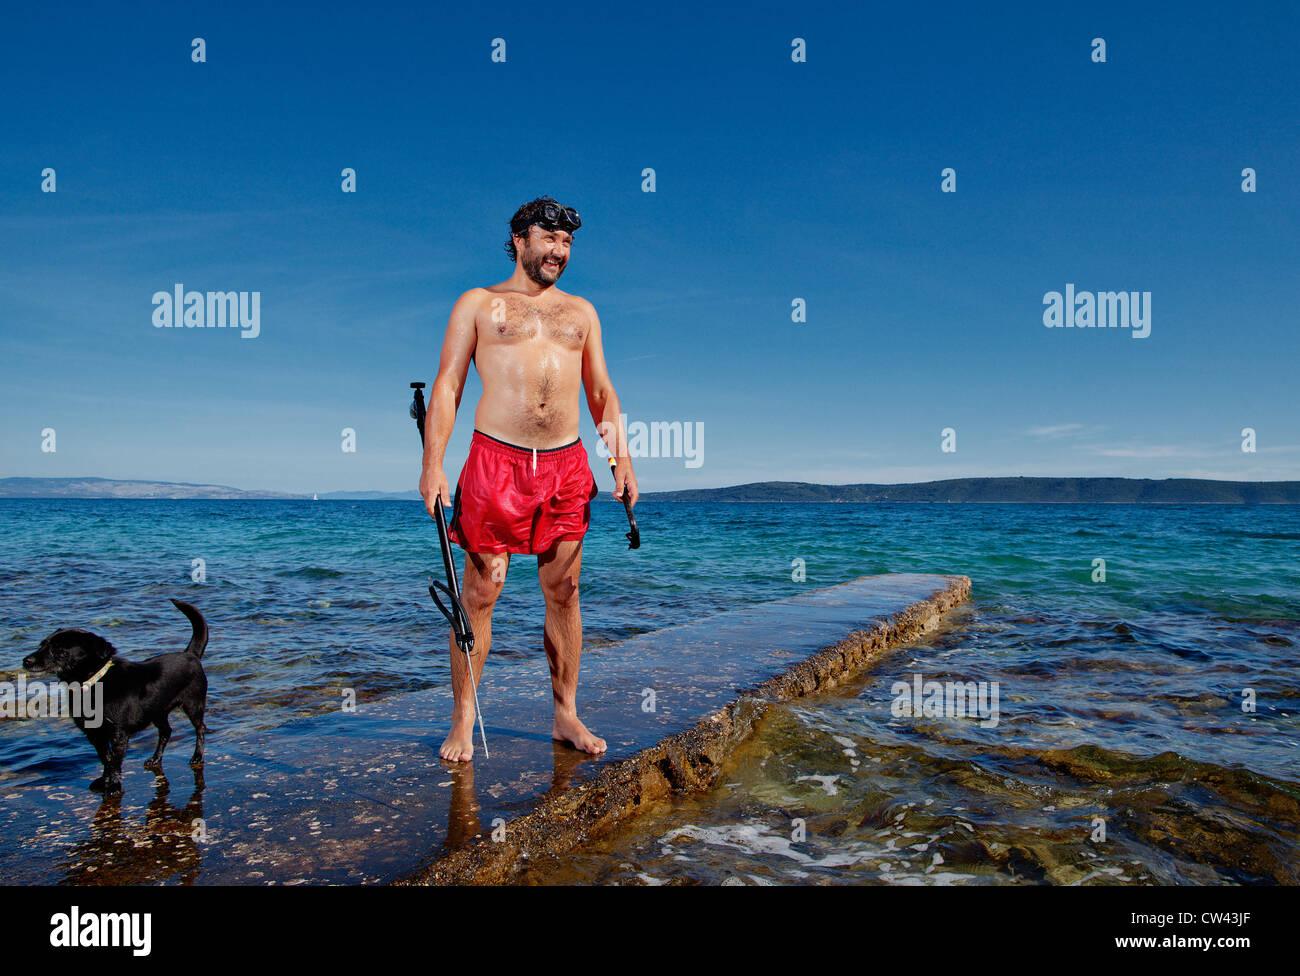 Spear fishing (harpoon fishing) in Dalmatian coast, Croatia. - Stock Image